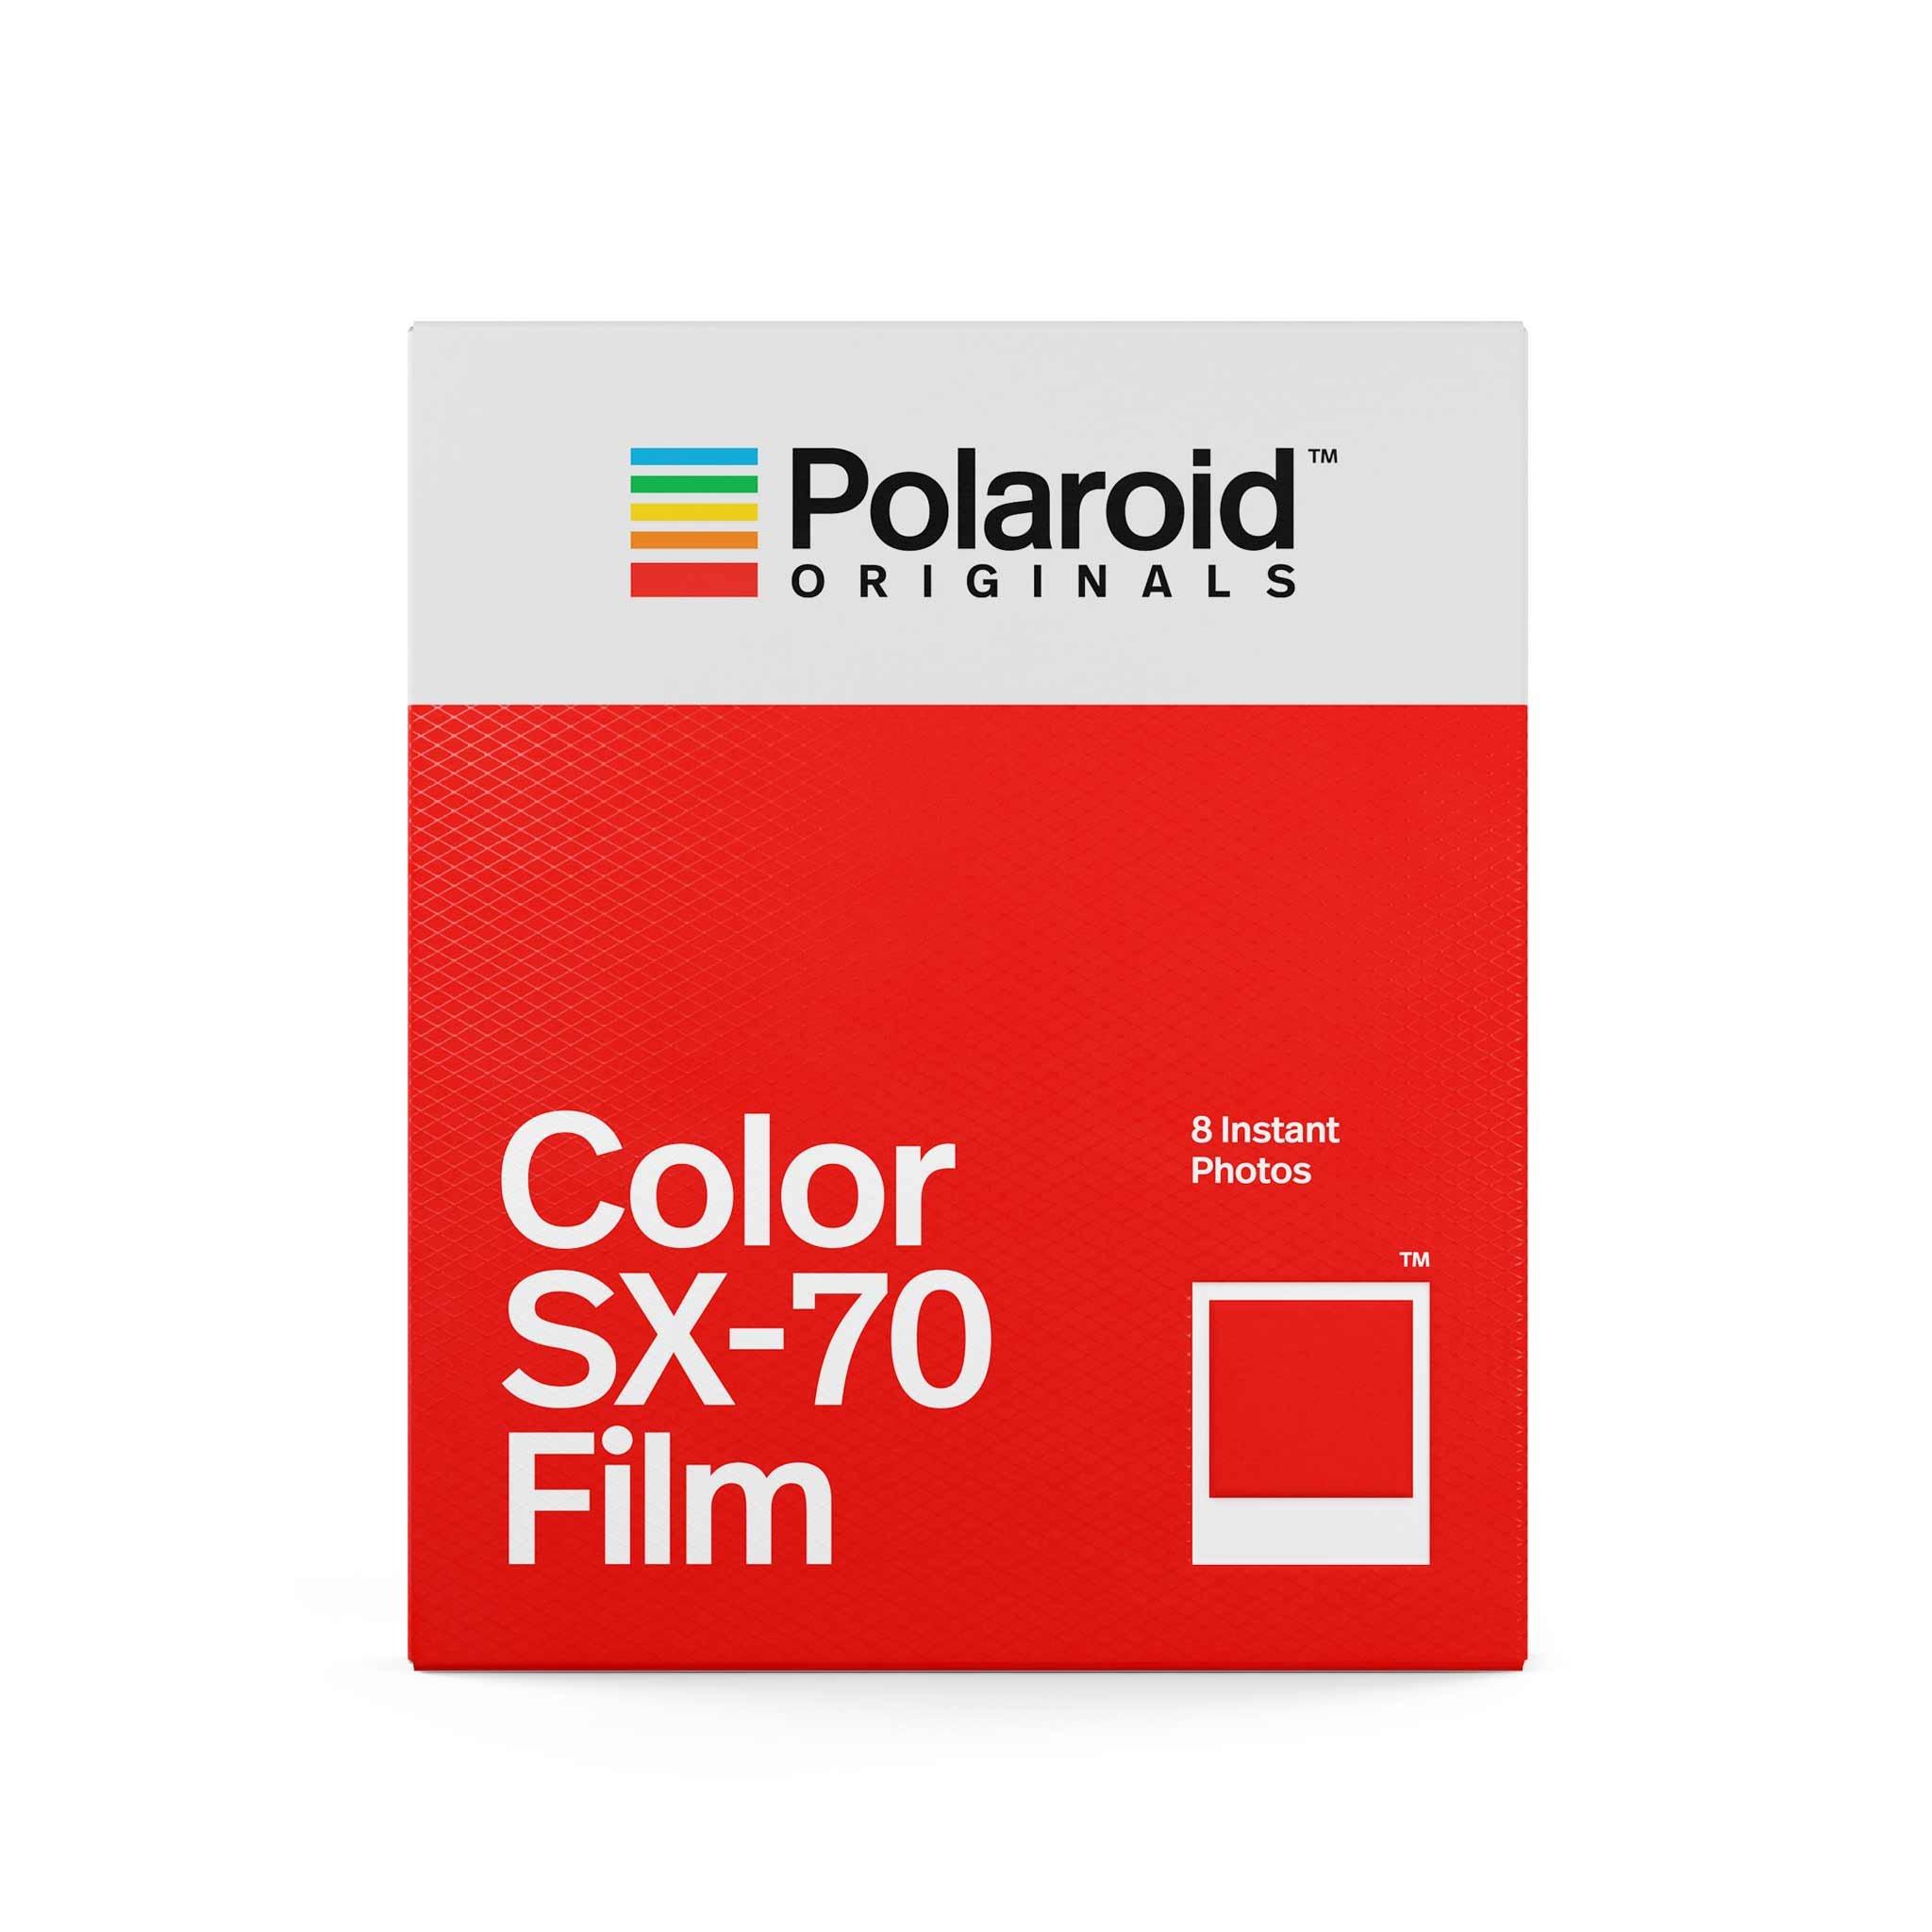 Polaroid Originals Color Film for SX-70 (4676) by Polaroid Originals